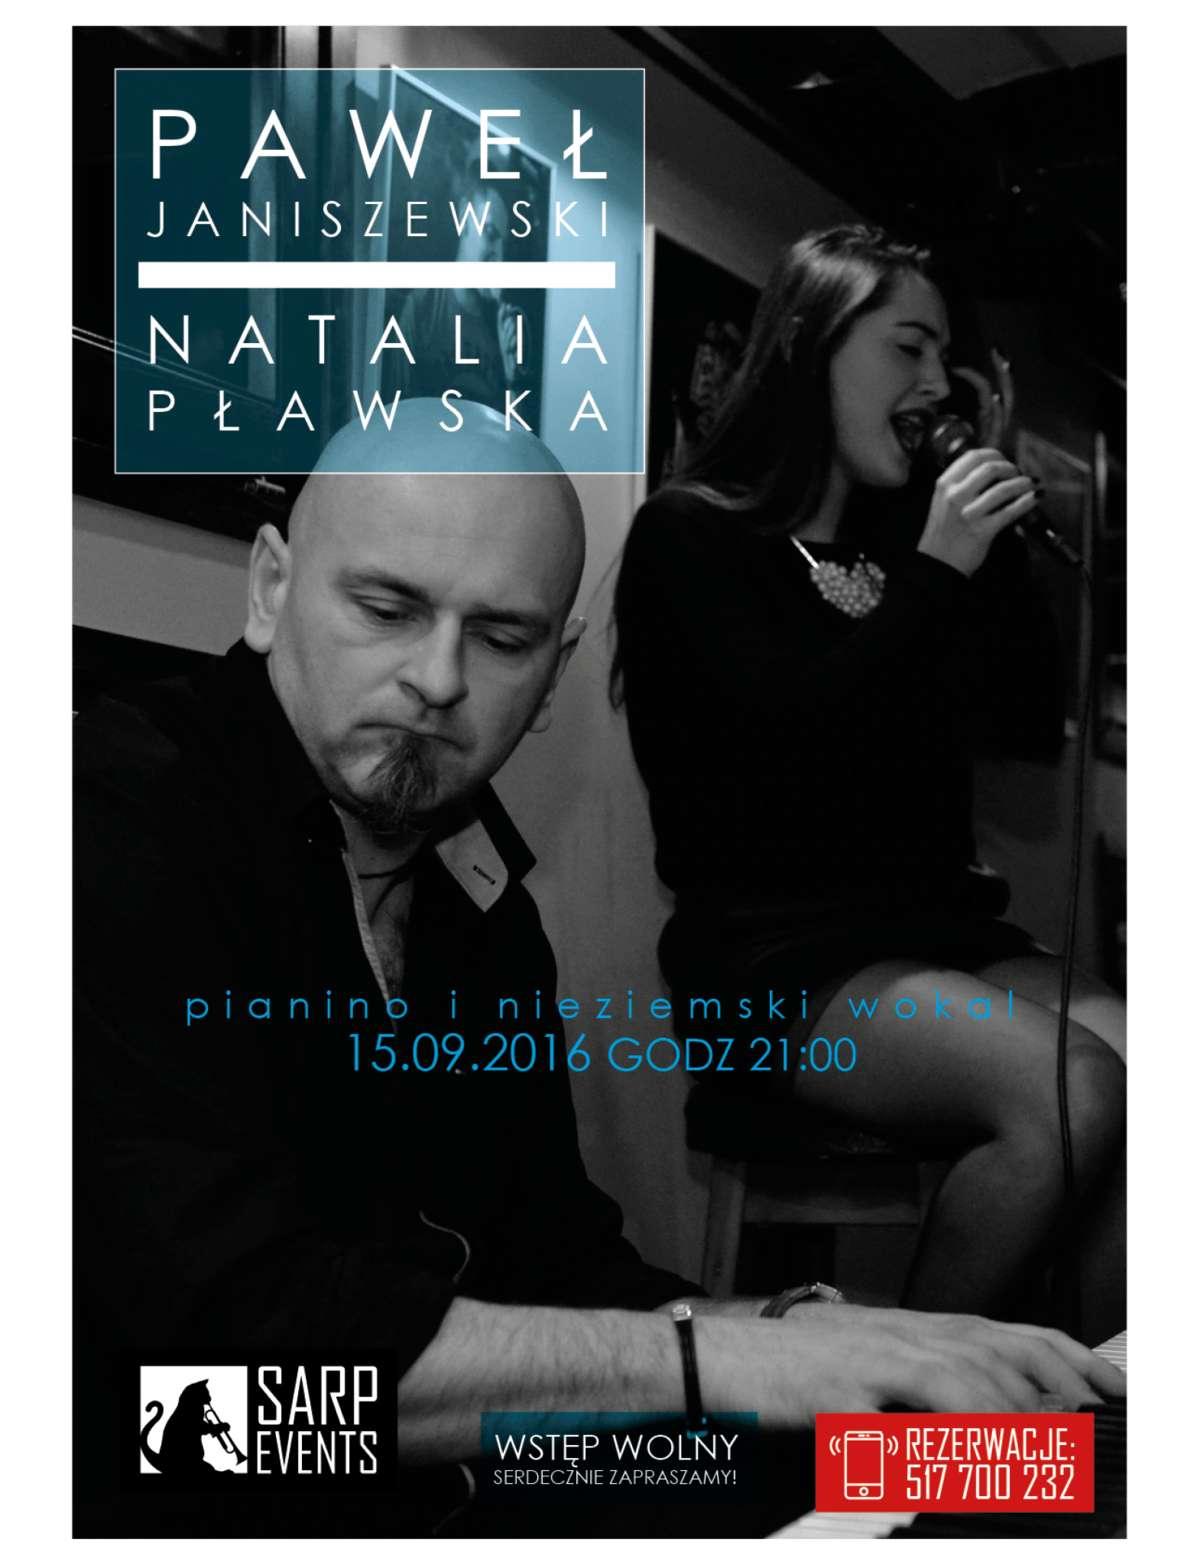 Sarp zaprasza: na scenie Paweł Janiszewski i Natalia Pławska  - full image